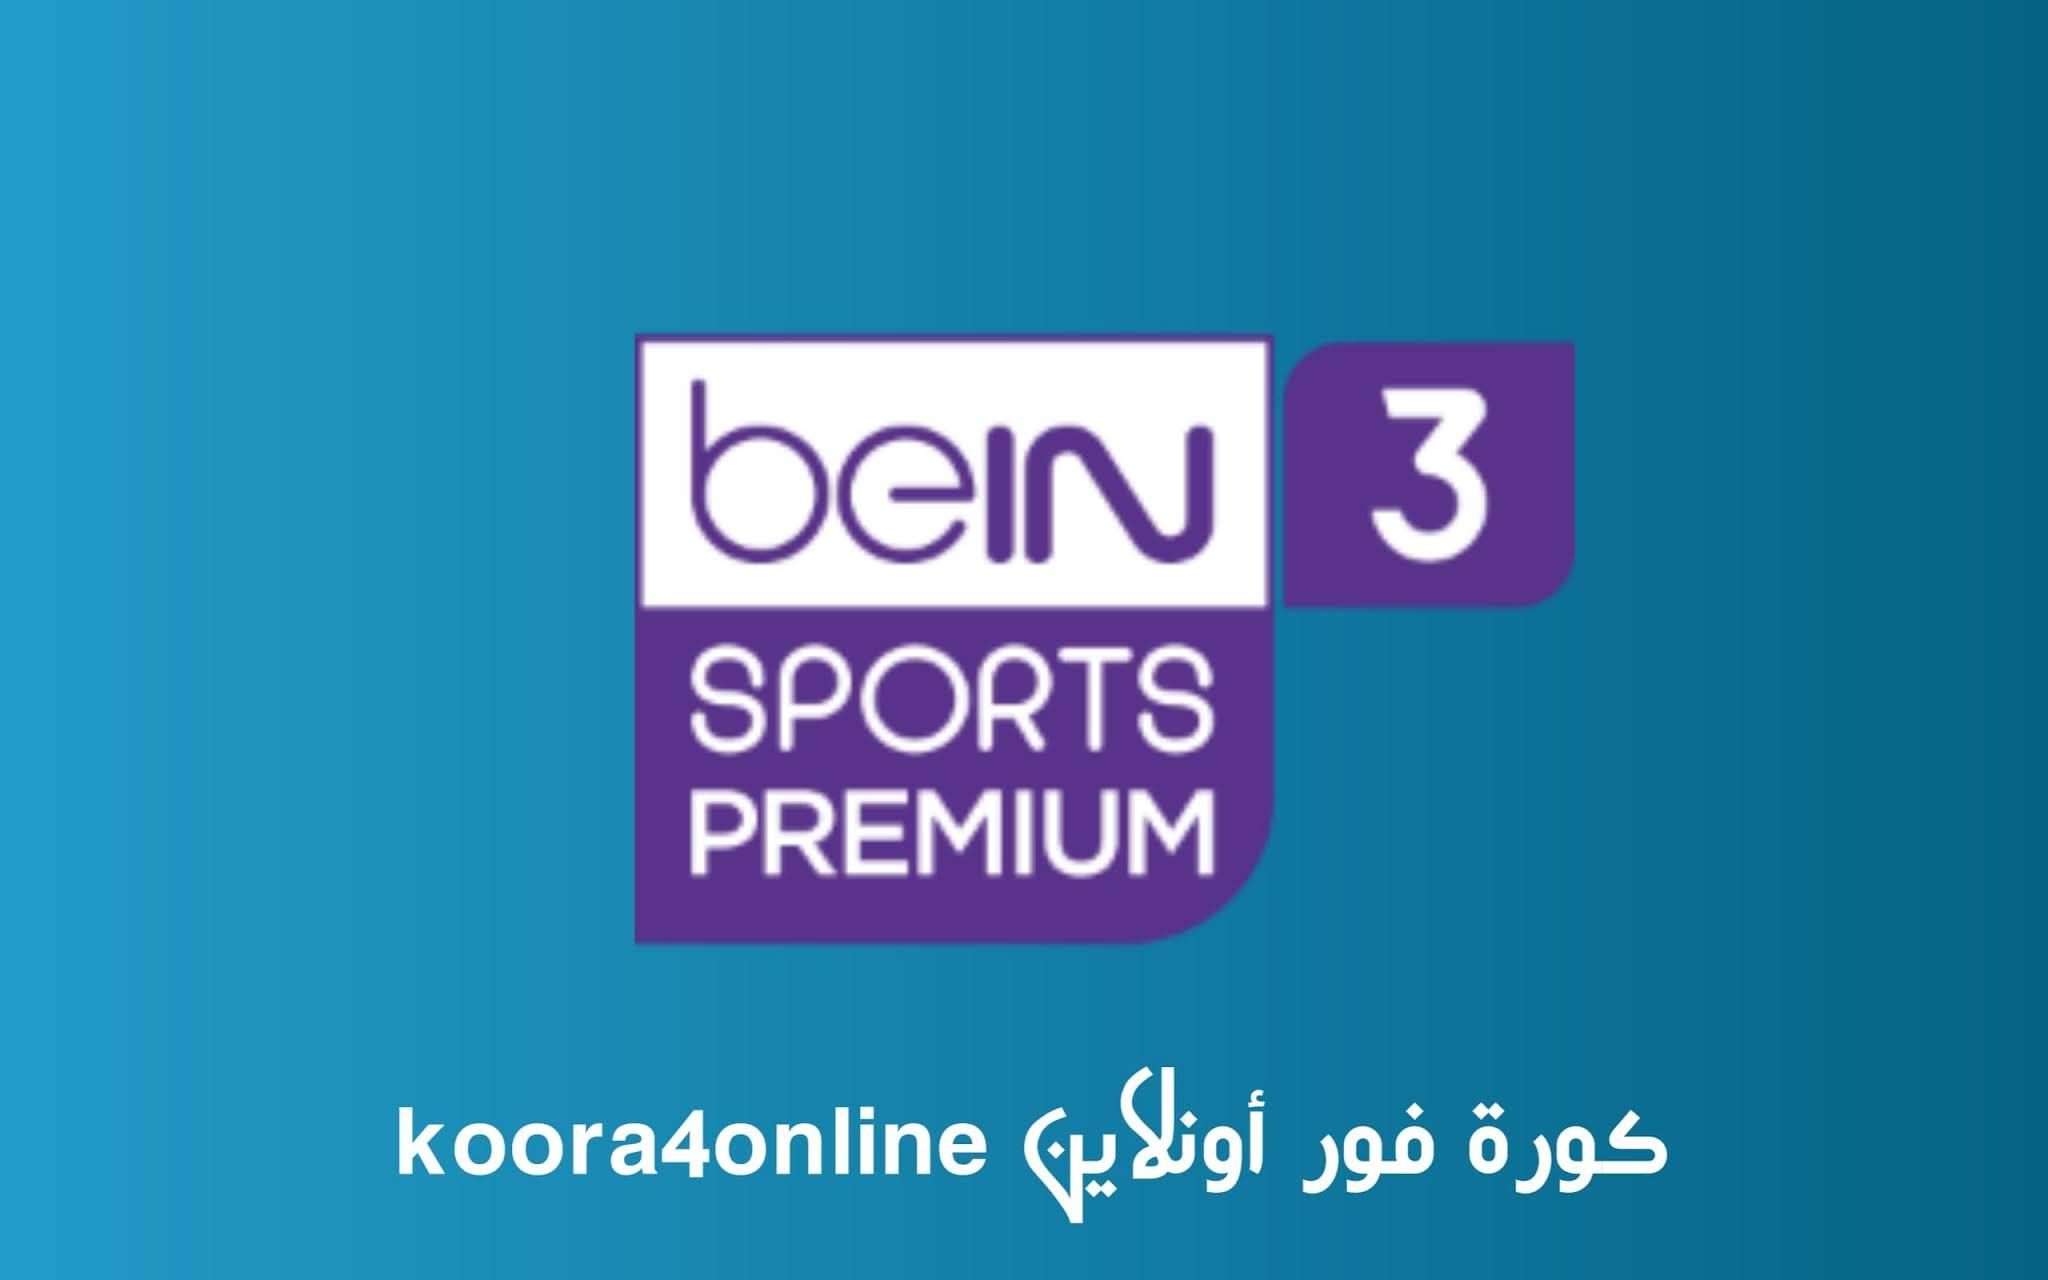 مشاهدة قناة بي إن سبورت بريميوم 3 | bein sports premium 3 بجودة عالية و بدون تقطيع